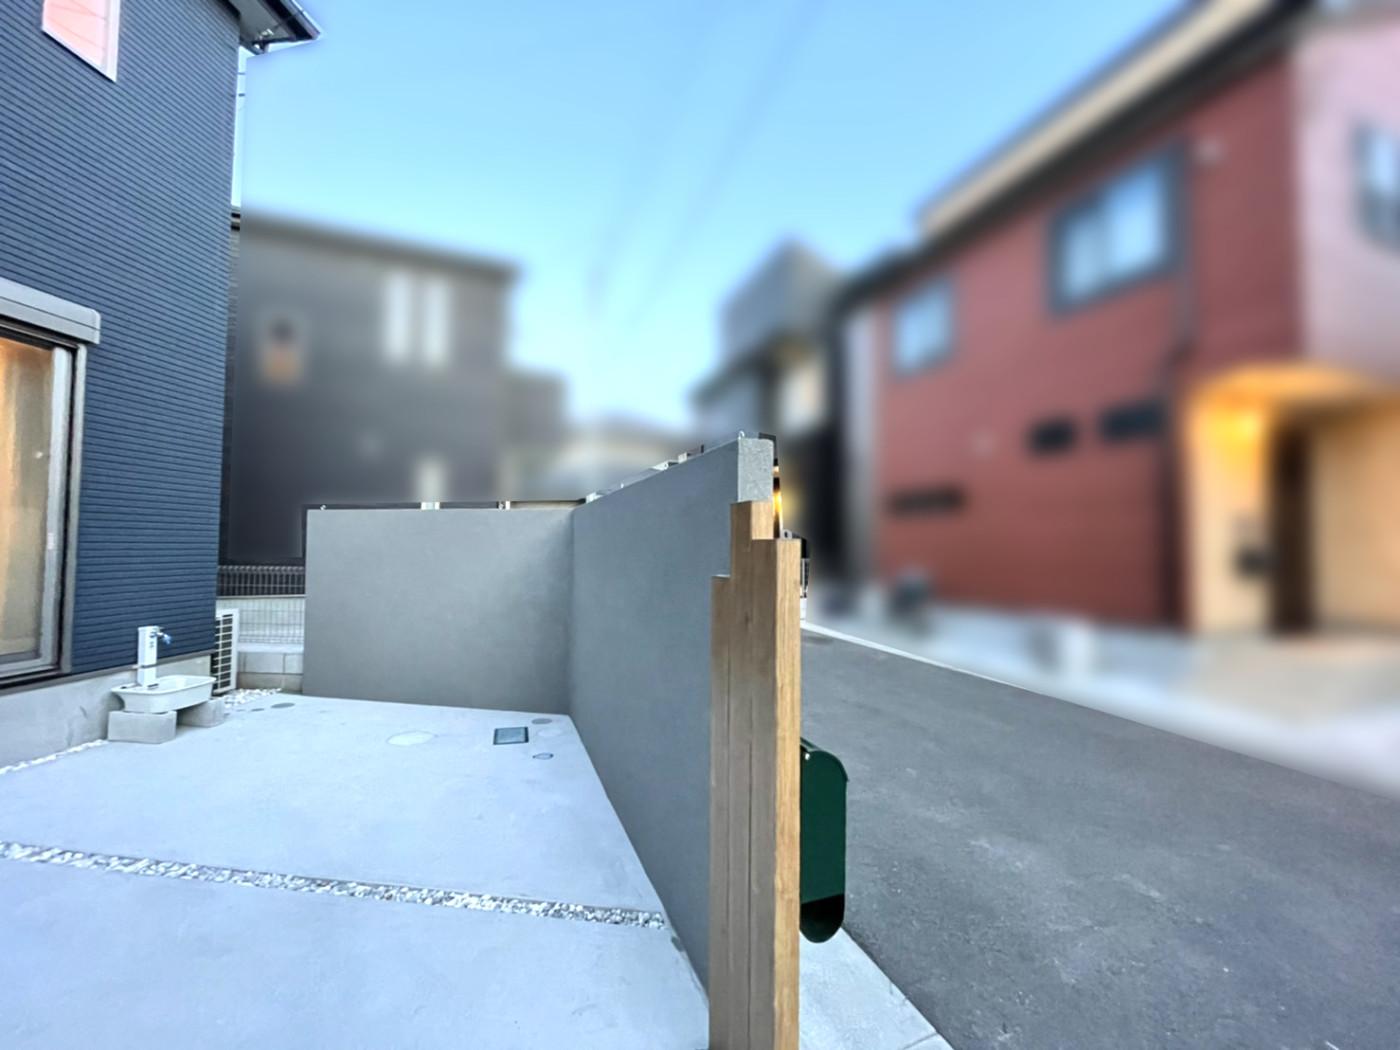 神奈川県 株式会社 琴美建設 グランドアートウォール施工イメージ2395_03